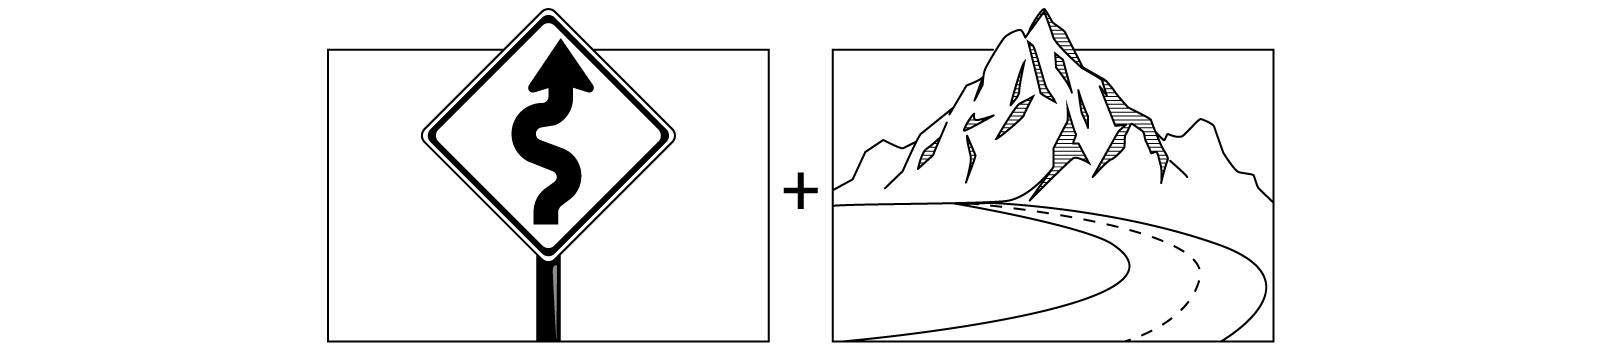 logomark-formation.jpg